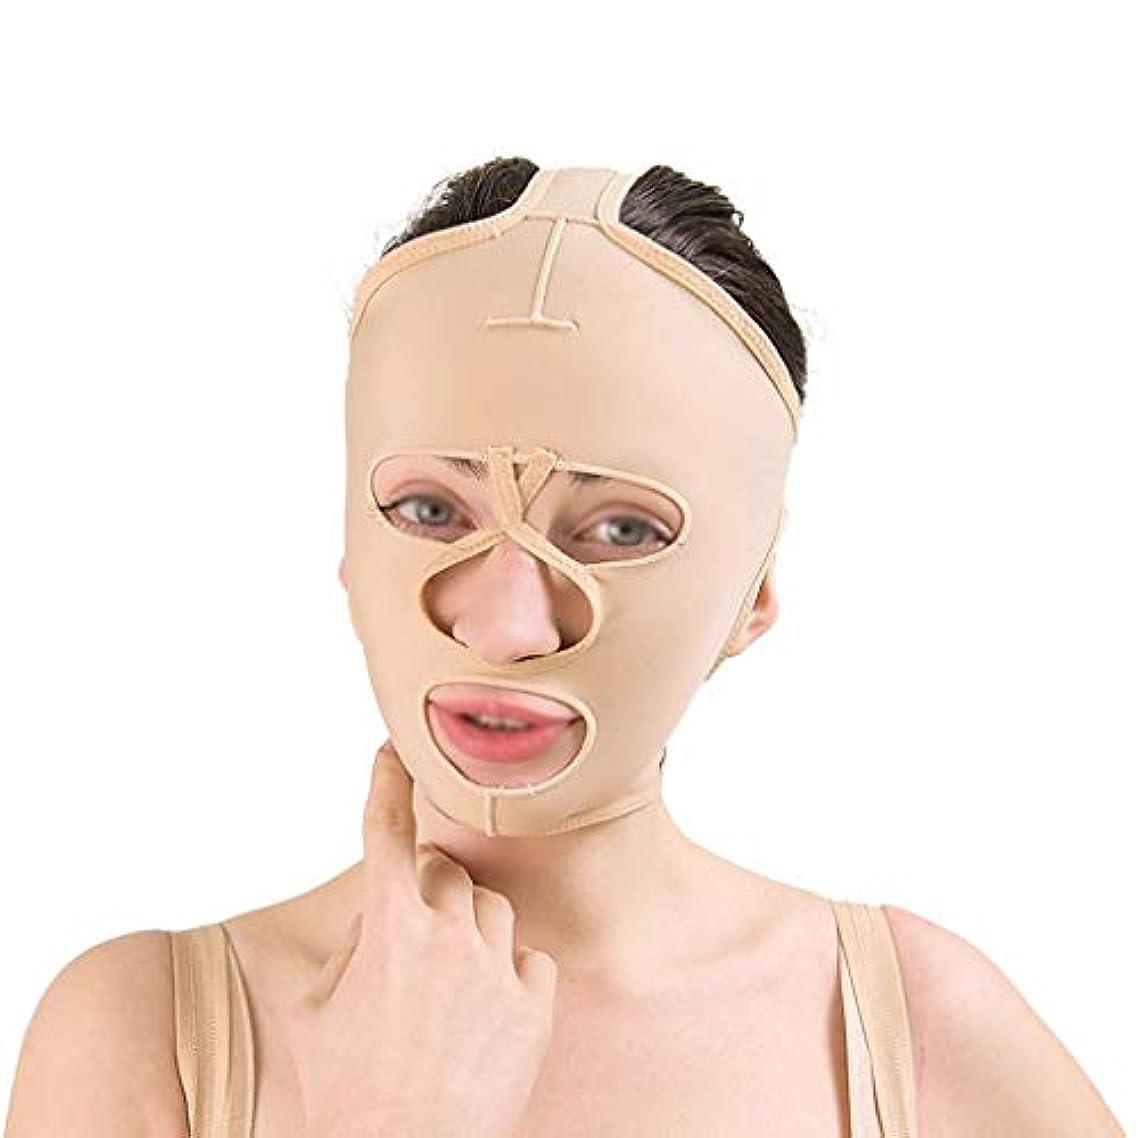 言い訳最小化するギャングスターフェイシャルリフティングツール、フェイシャルビューティーリフティングマスク、通気性引き締めリフティングフェイシャル包帯、フェイシャルタイトバンデージ(サイズ:L),S